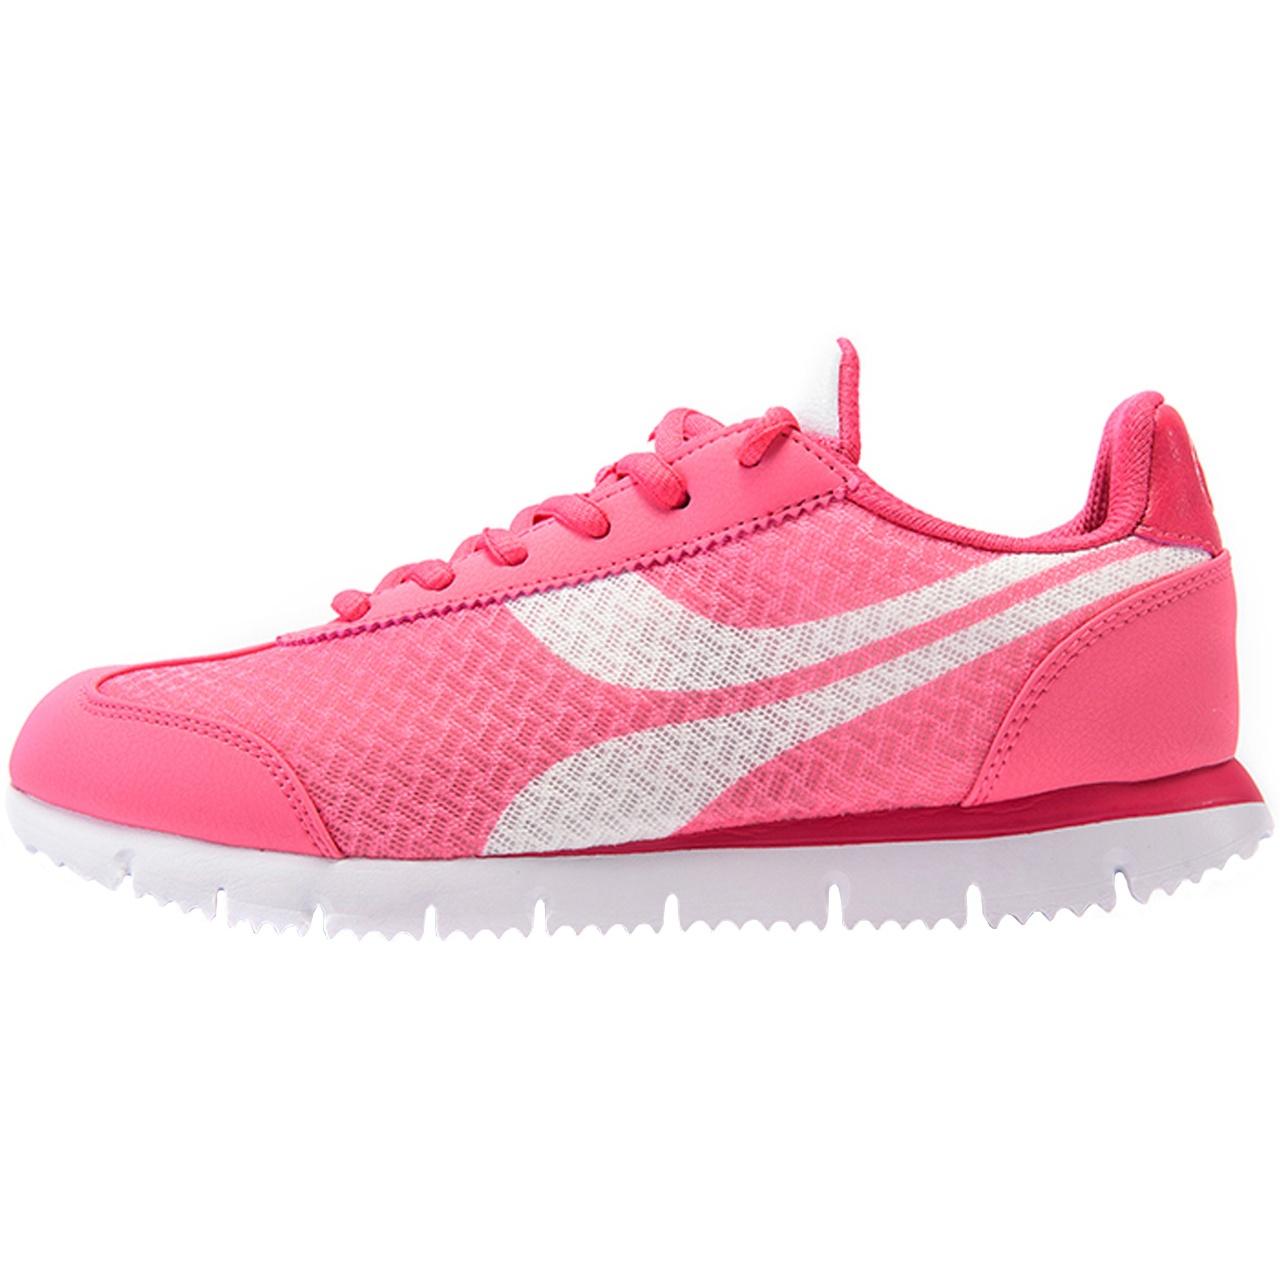 کفش مخصوص دویدن زنانه 361 درجه کد 681712231